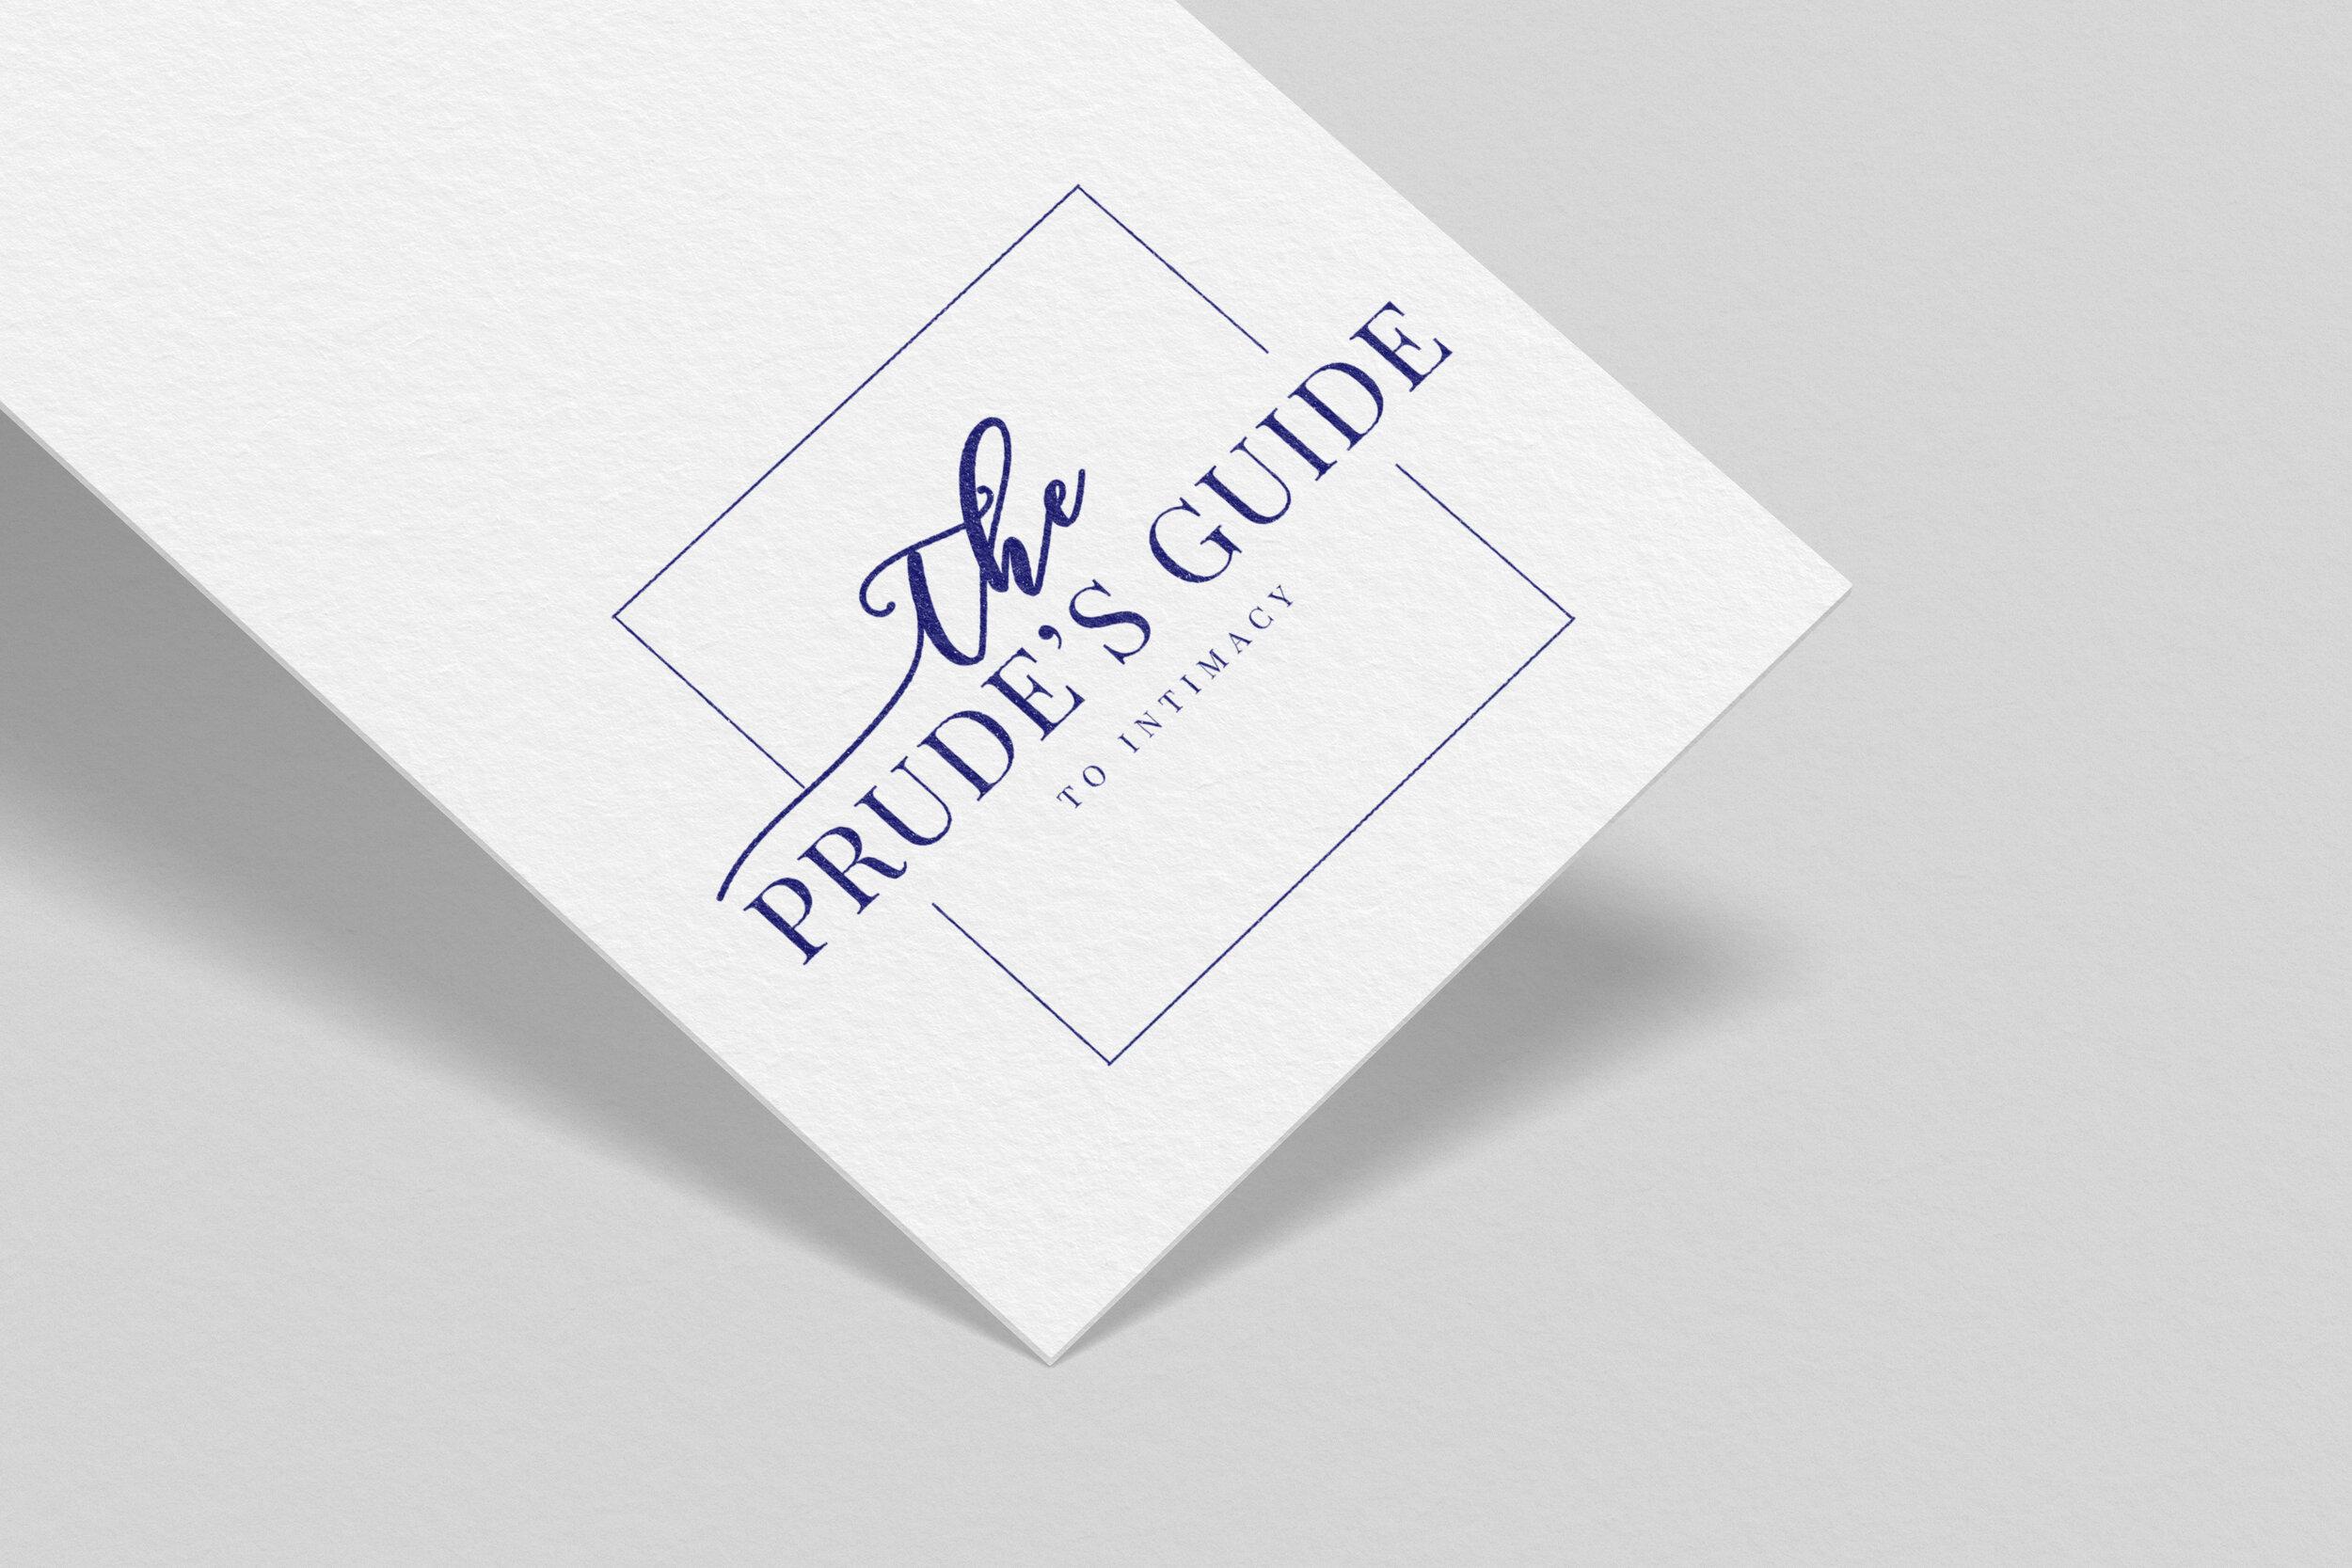 Prude's Guide-amanda-logo mockup.jpg